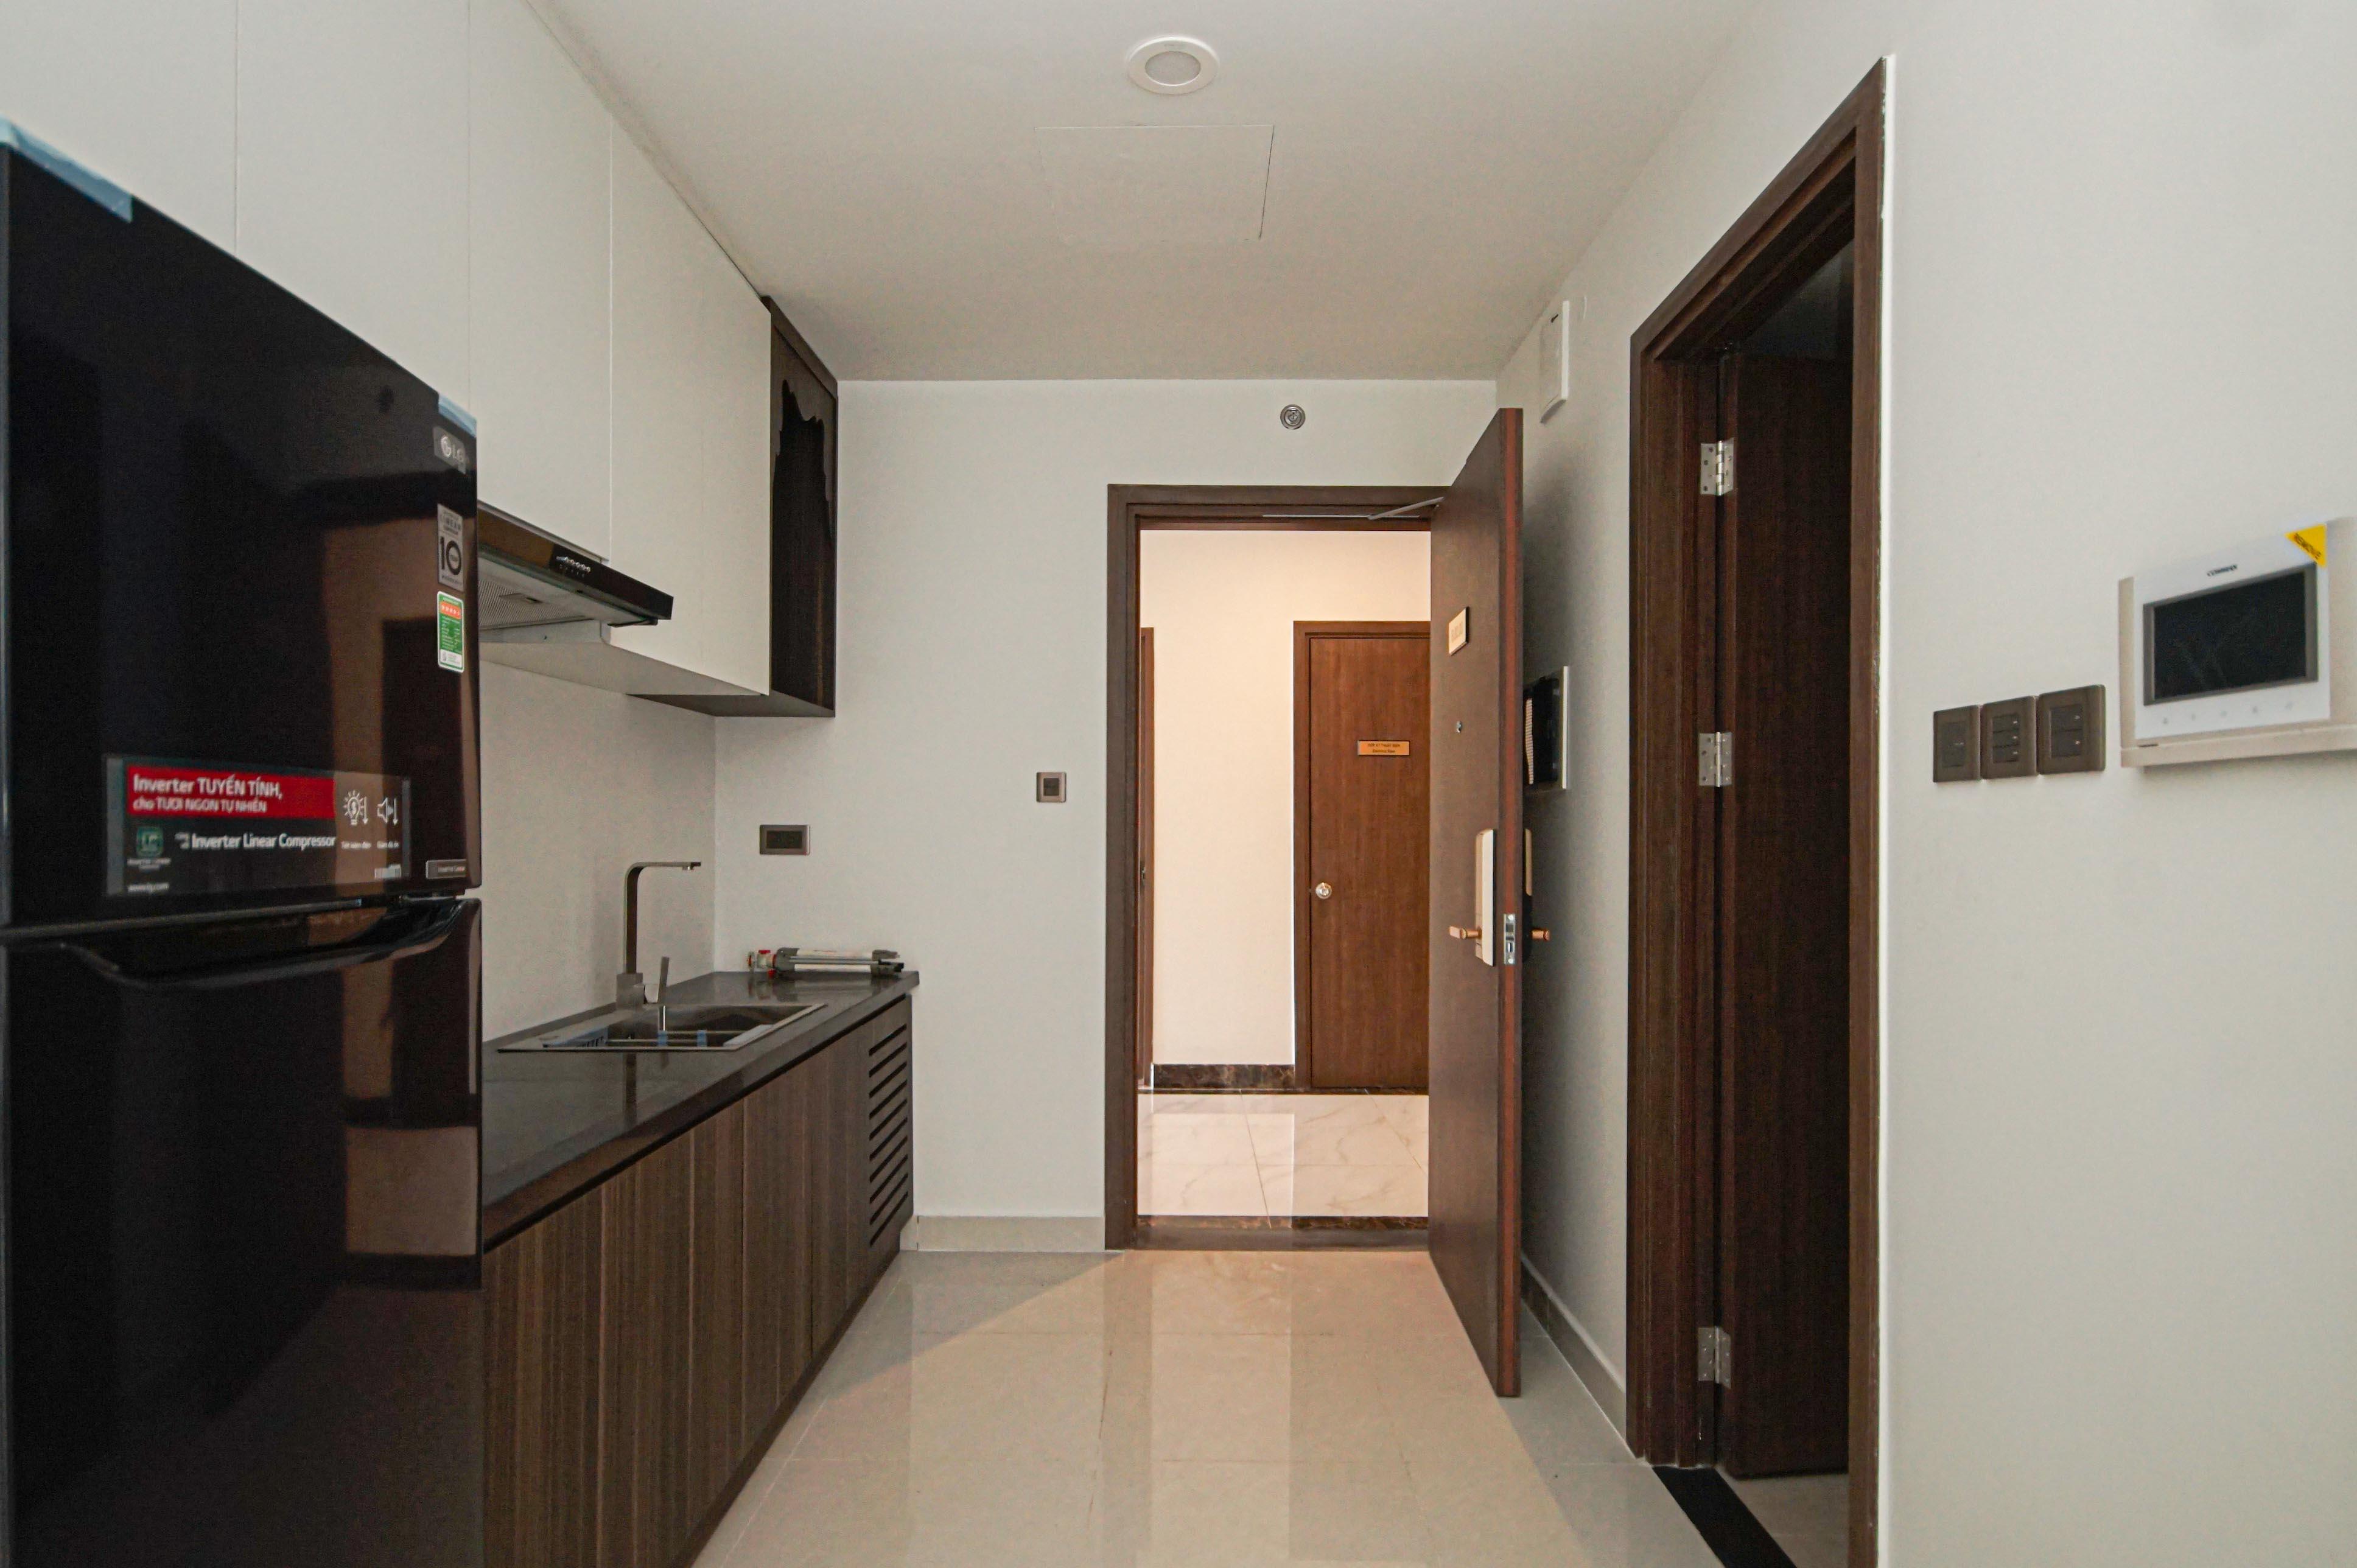 Cho Thuê Căn hộ Office-tel 1 PN Saigon Royal Residence - Nội Thất Cơ Bản & Ấm Cúng-3